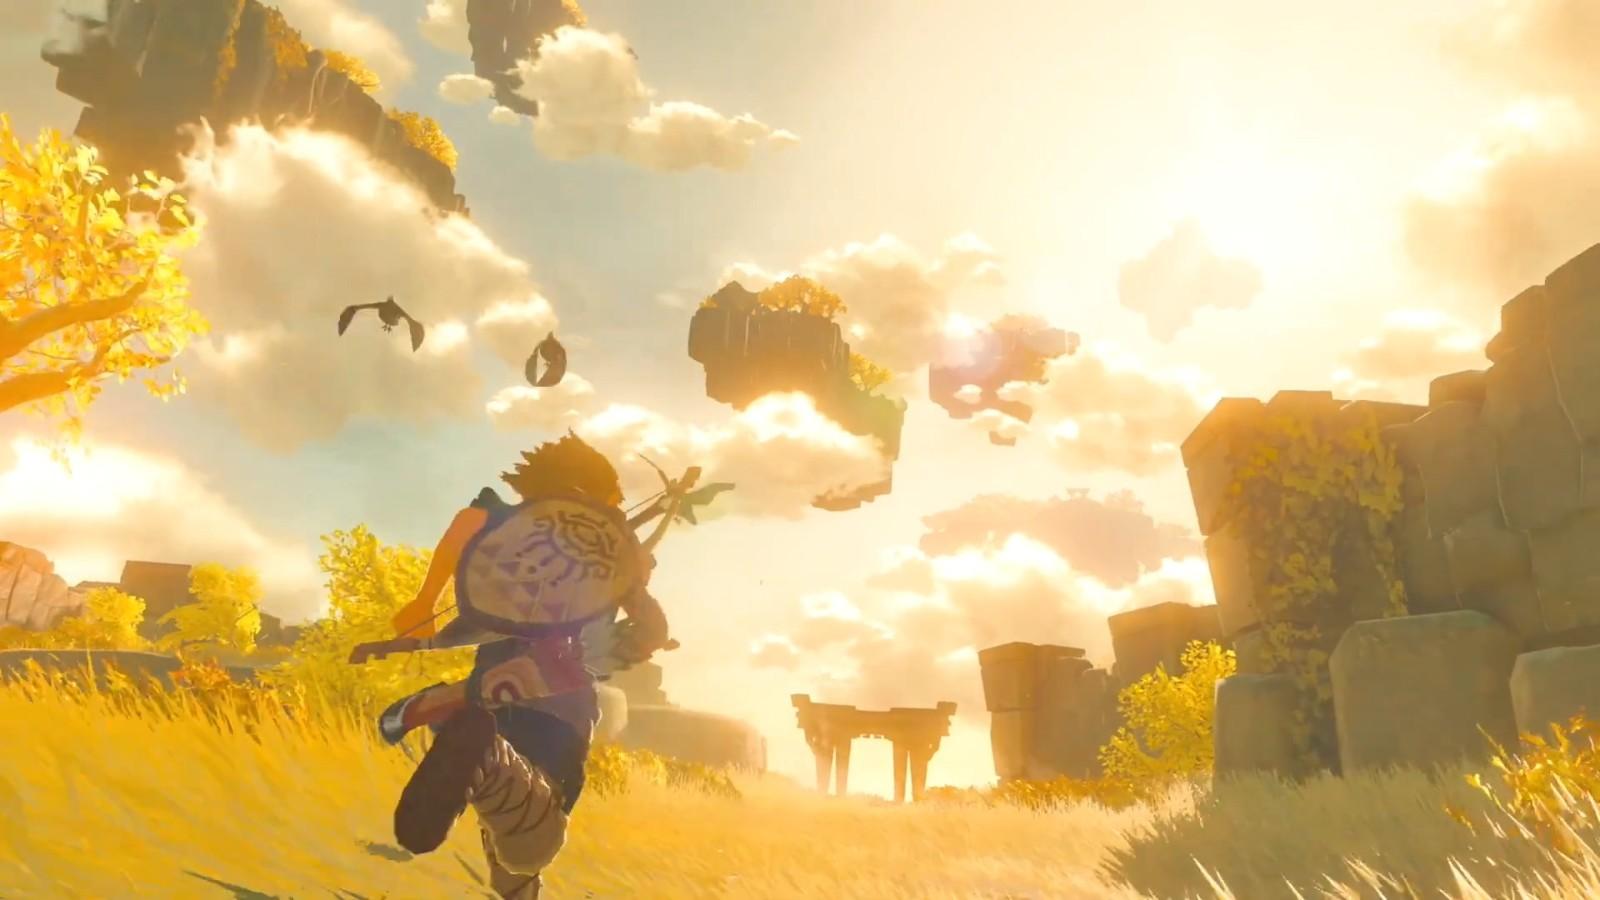 《塞尔达传说:旷野之息2》2022年登陆Switch